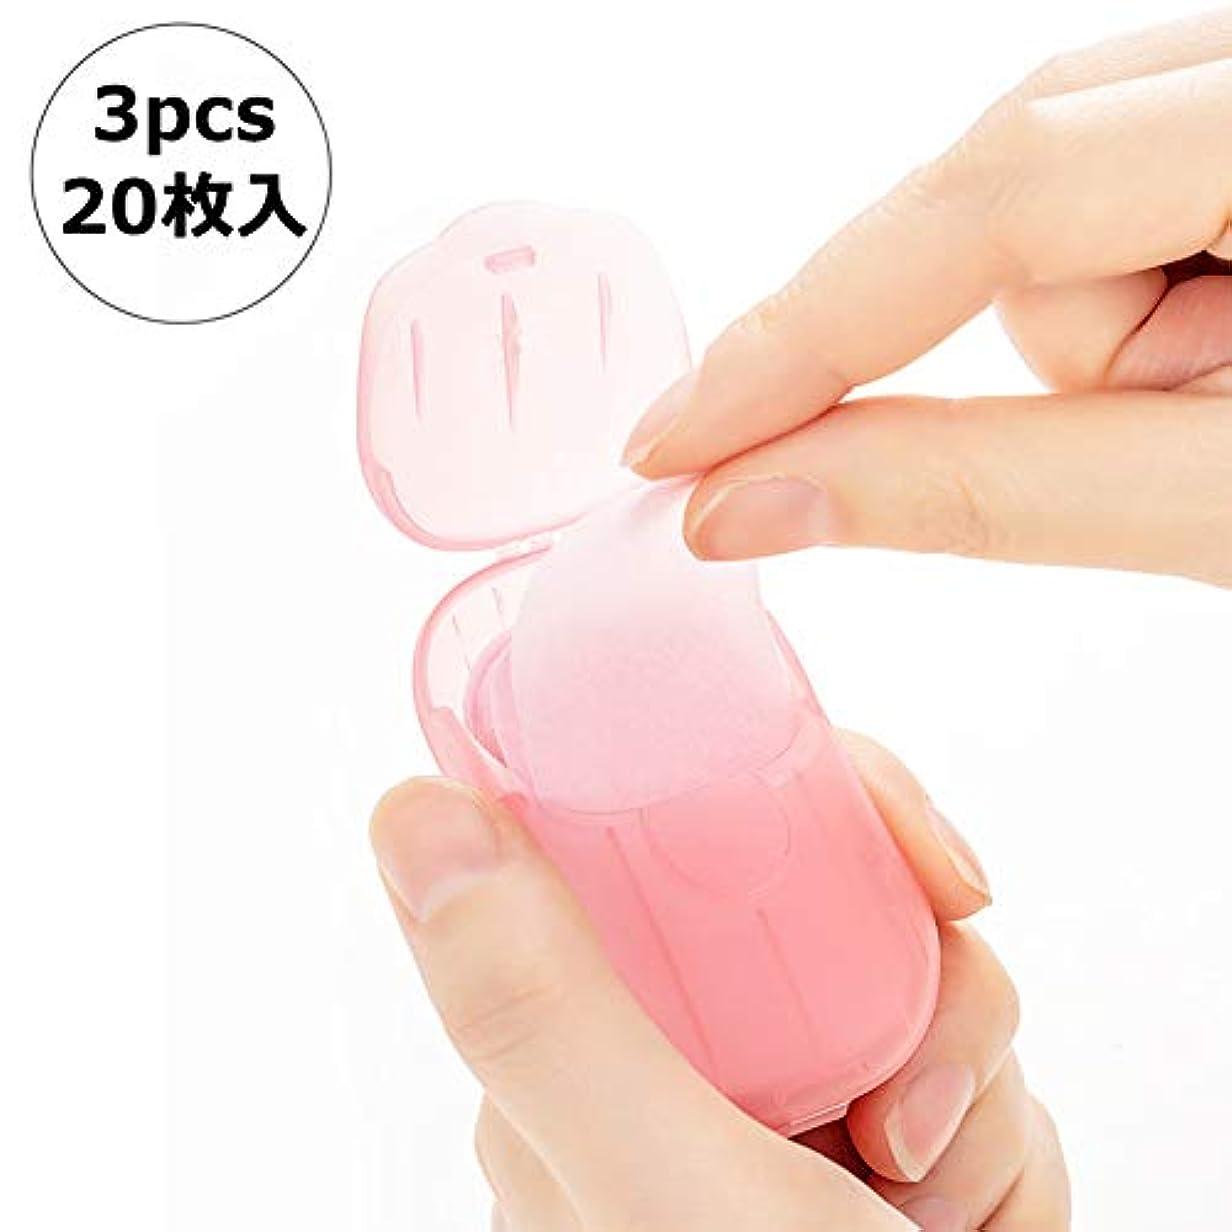 端創始者自己NITIUMI ペーパーソープ 除菌 香り 石鹸 手洗い/お風呂 旅行携帯用 紙せっけん 20枚入 ケース付き カラーランダム (3個セット)